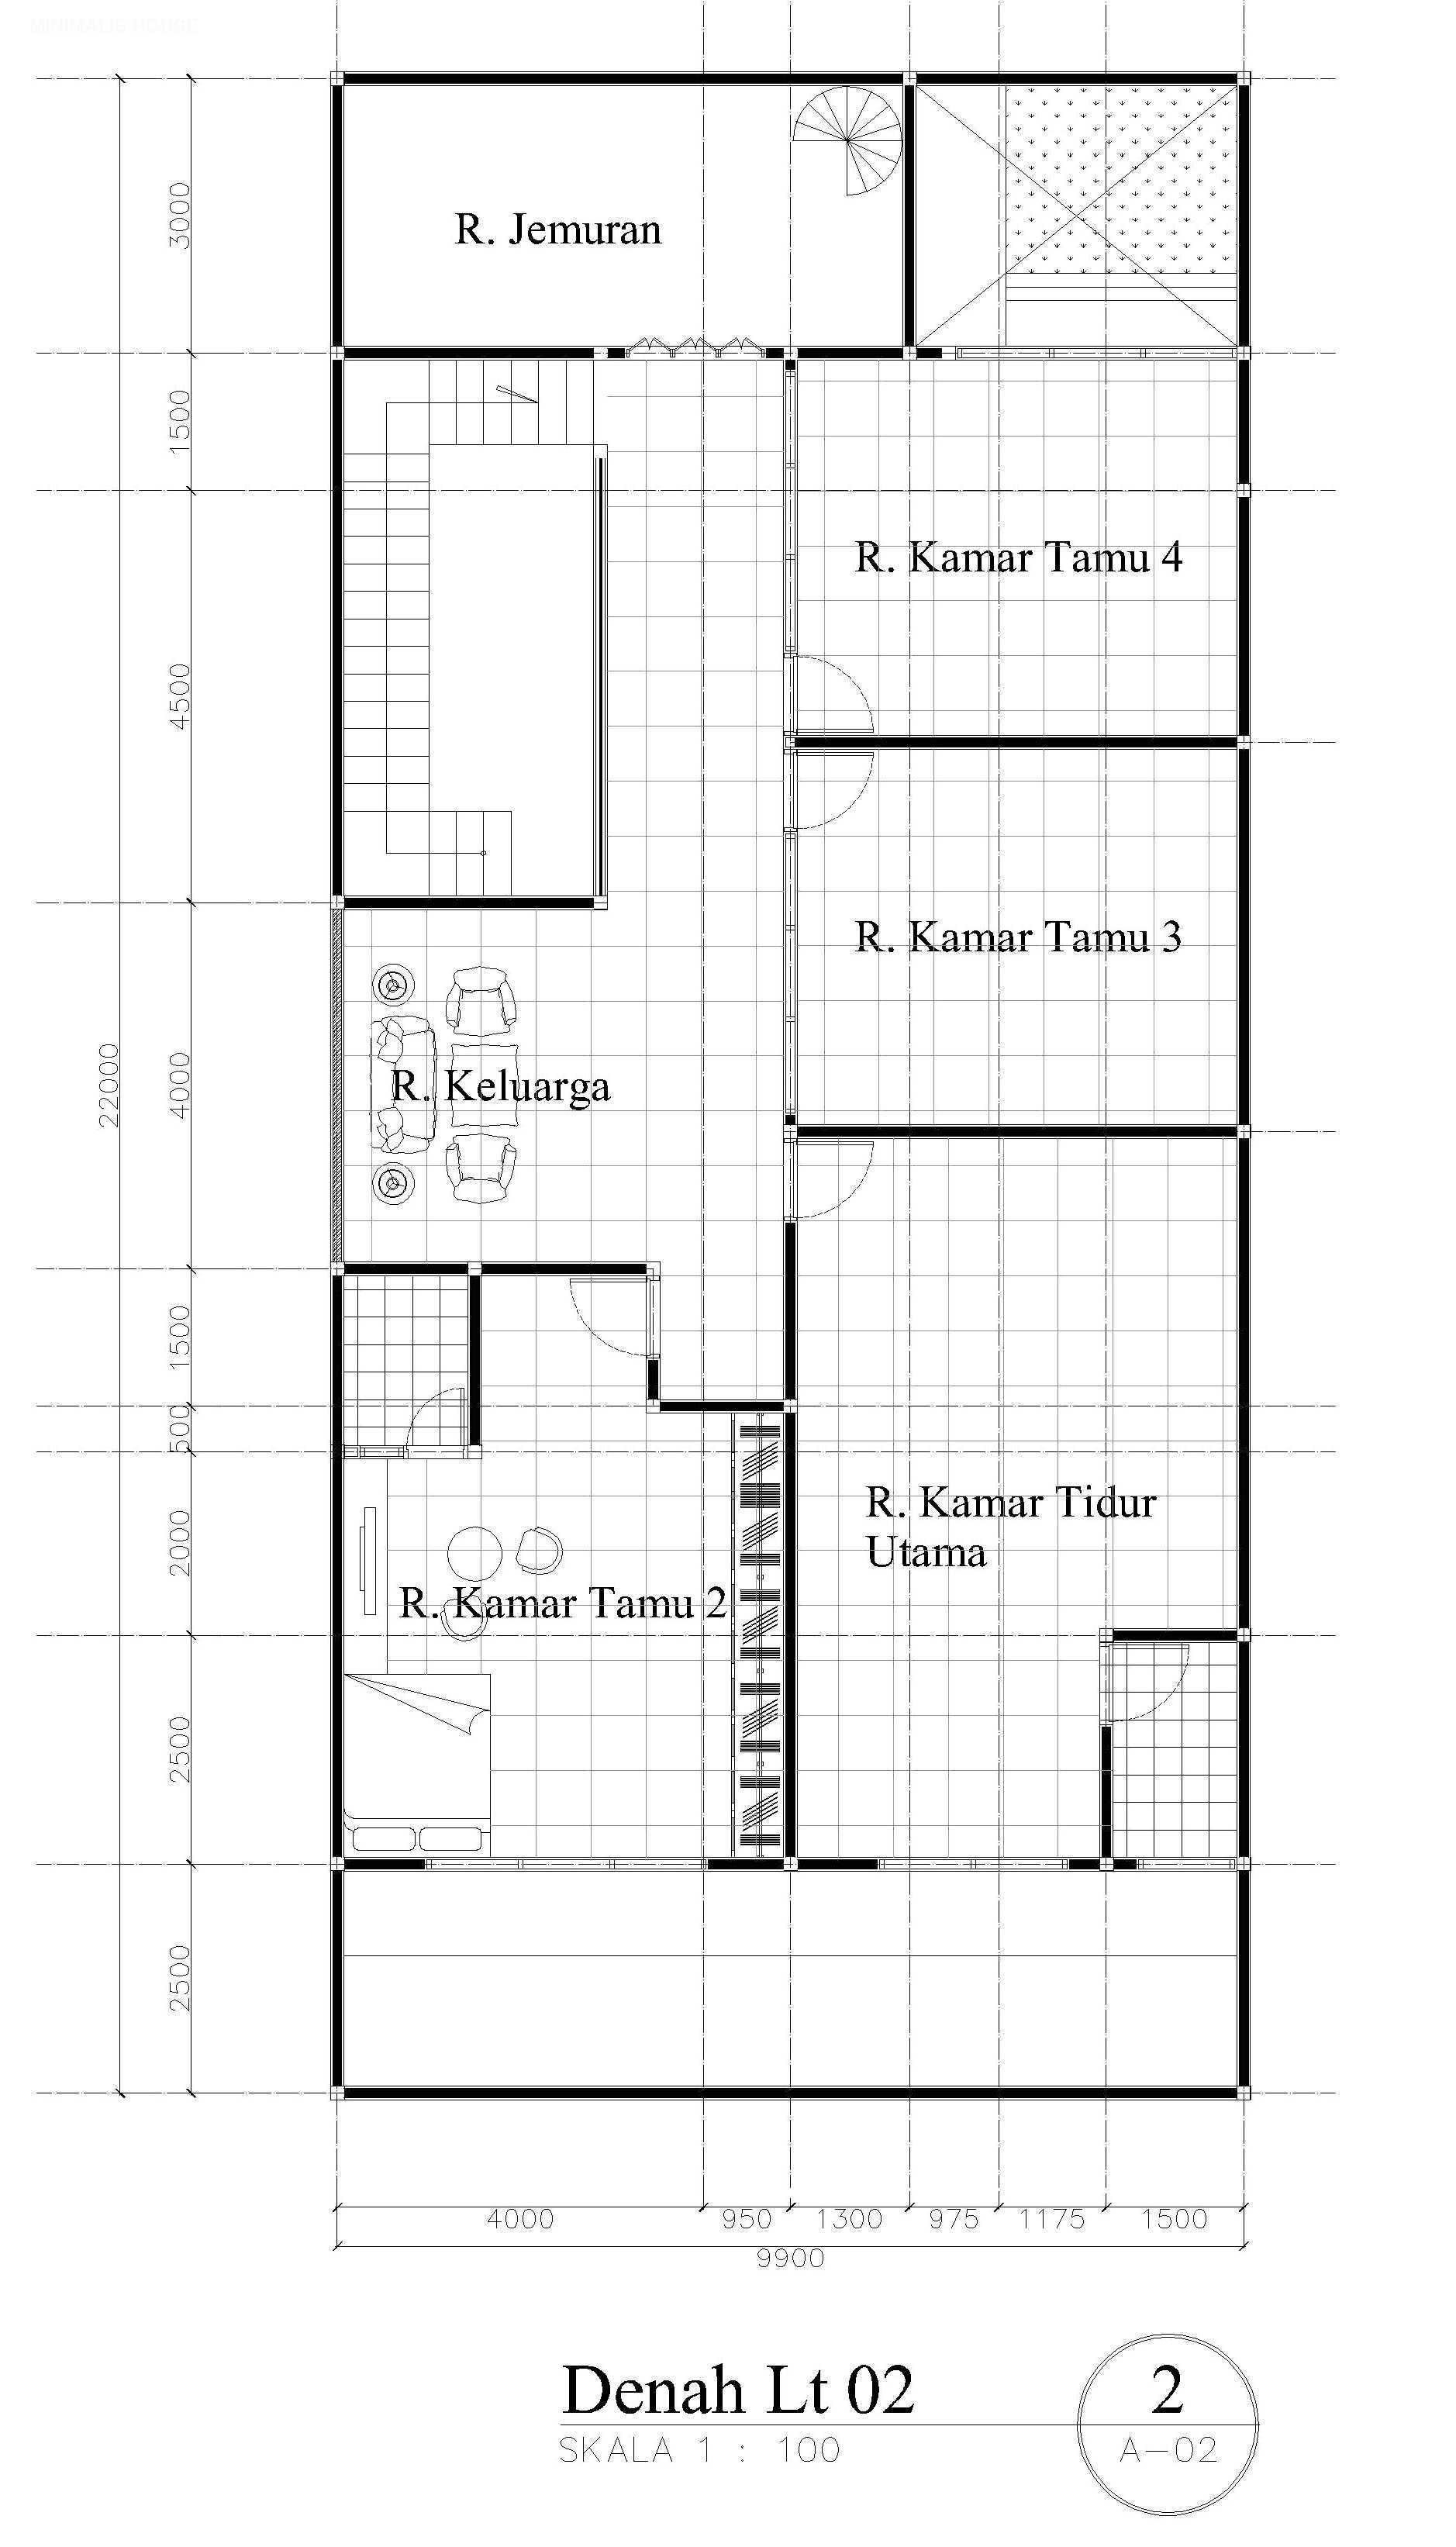 Rahman Efendi Private Home 7 Kabupaten Karawang, Jawa Barat, Indonesia Kabupaten Karawang, Jawa Barat, Indonesia Floorplan Minimalis  48478